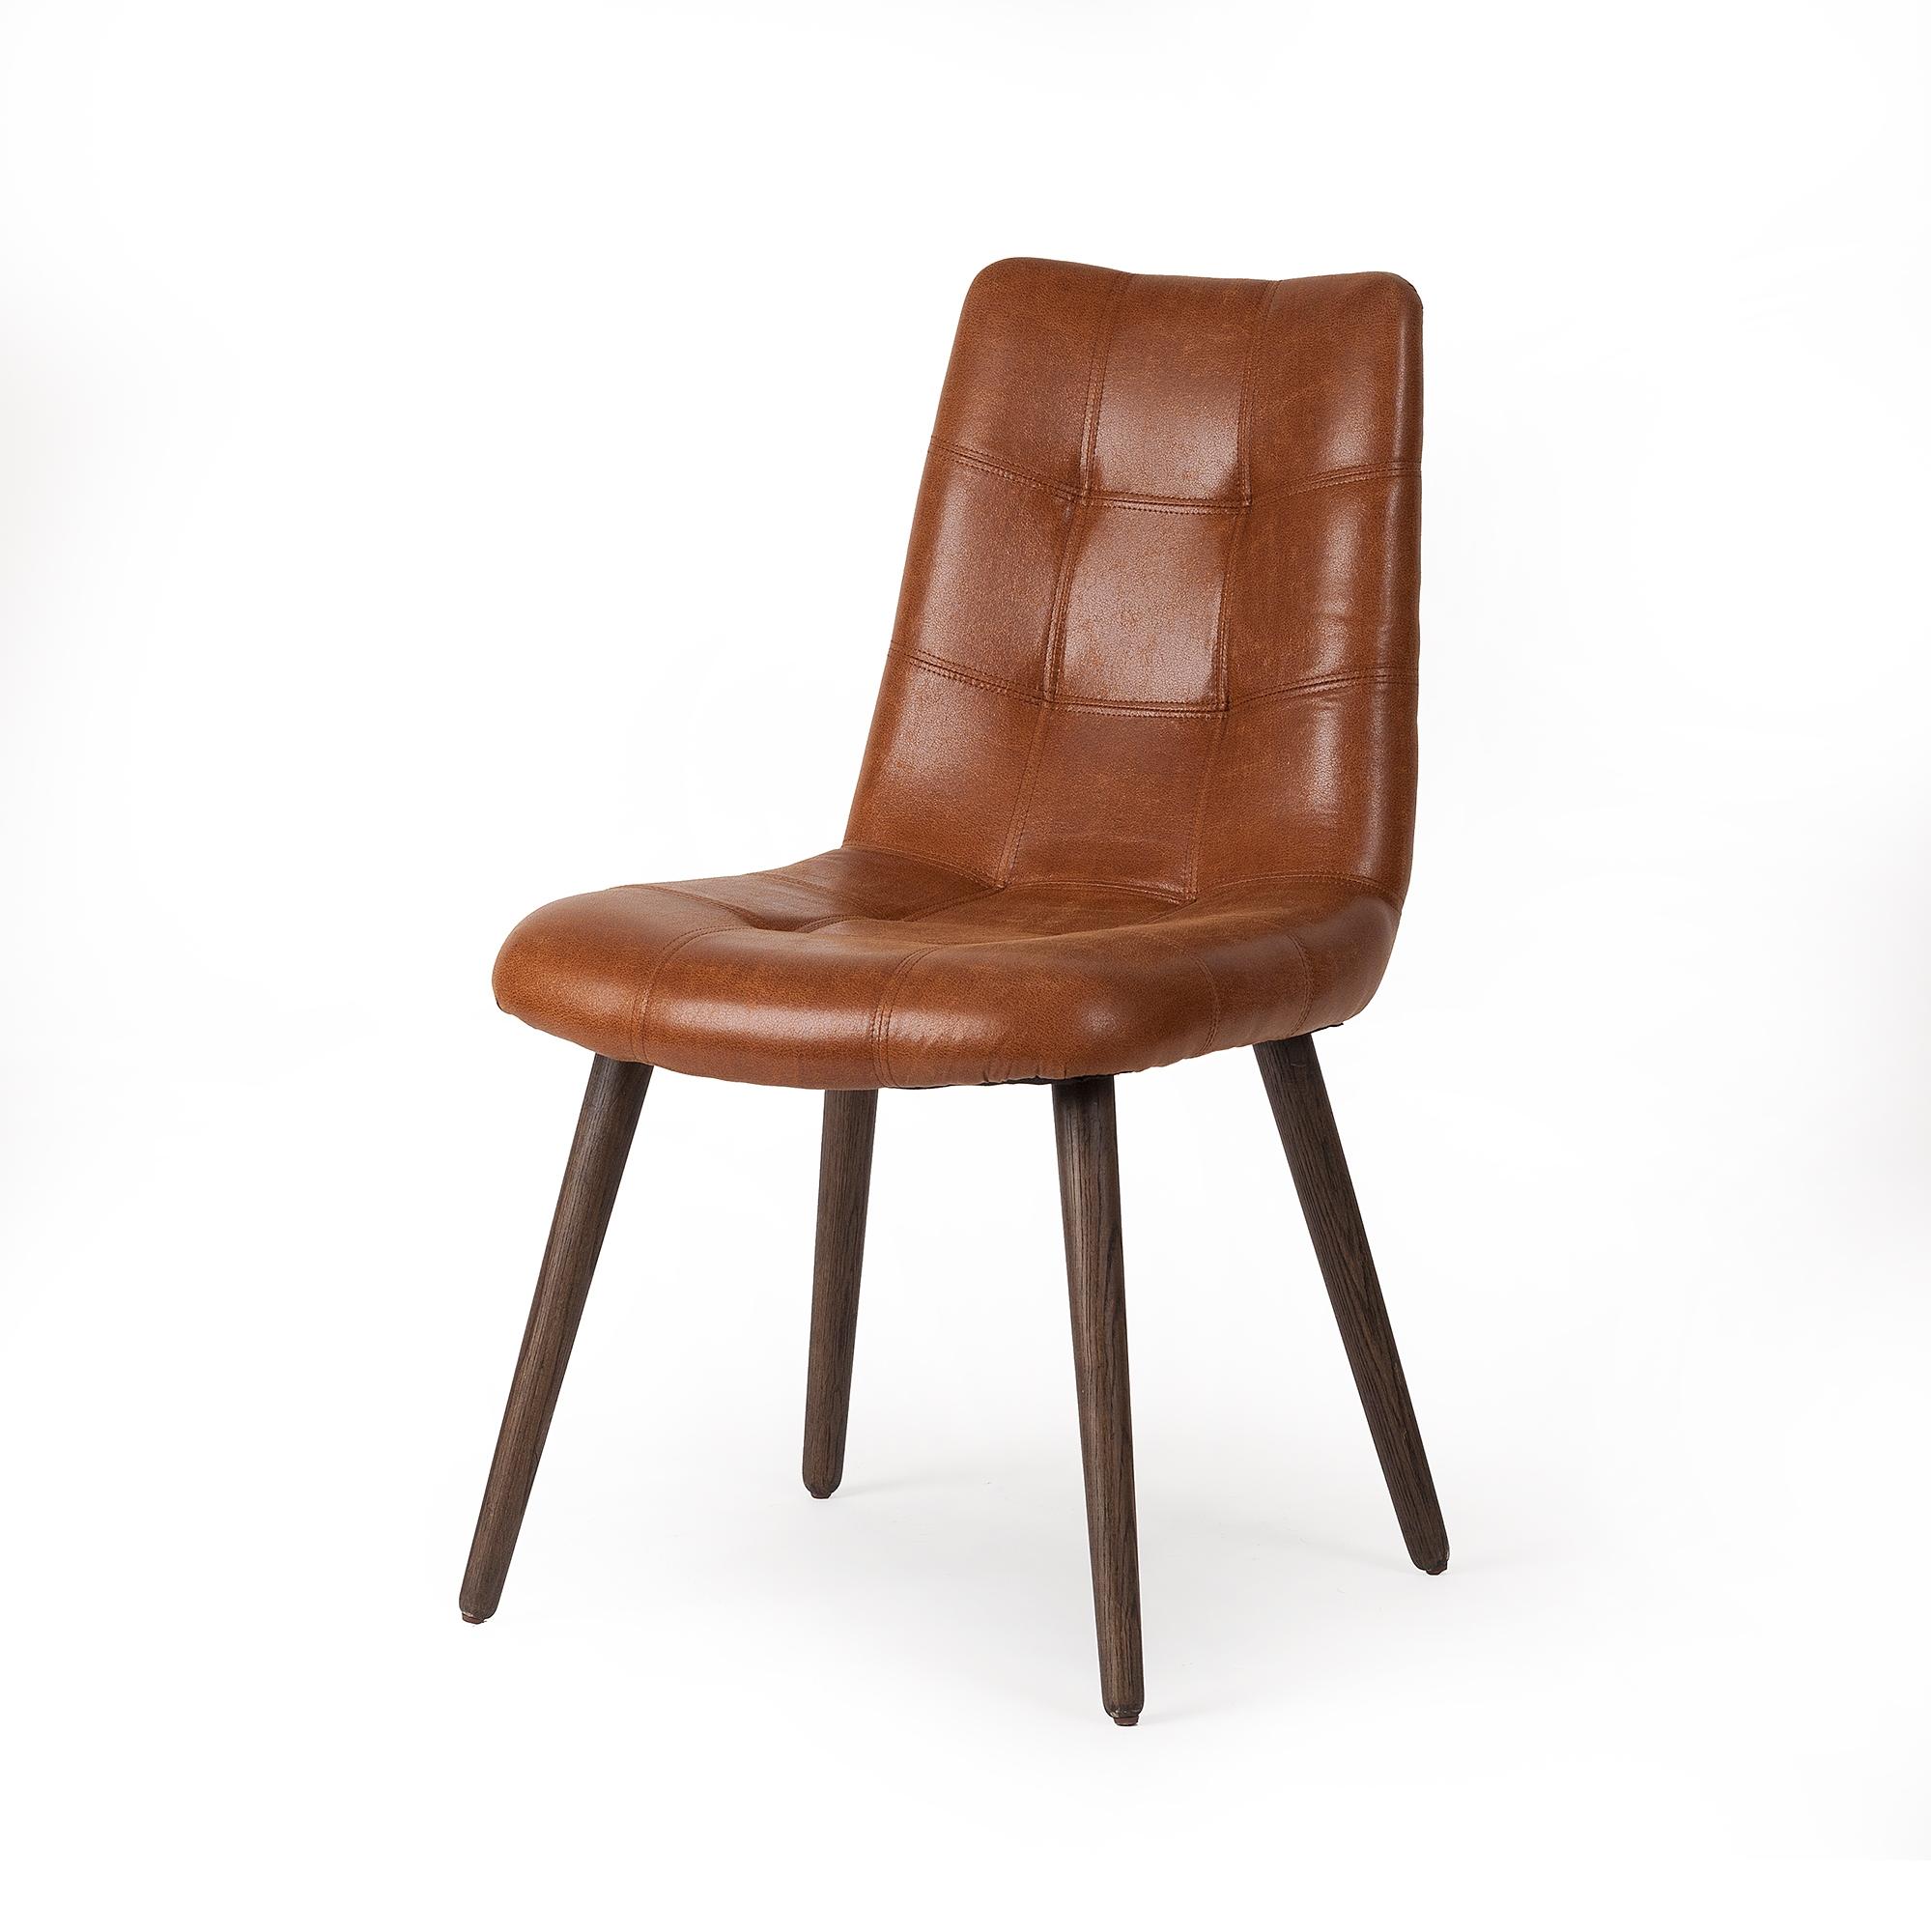 Ordinaire Havana Tufted Dining Chair